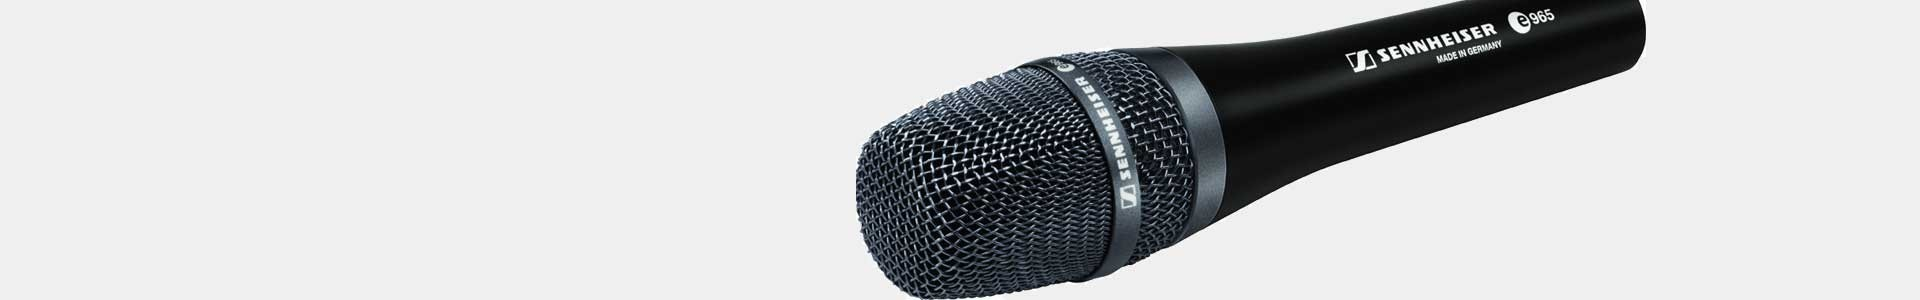 Micrófonos de Mano profesionales al mejor precio - Avacab